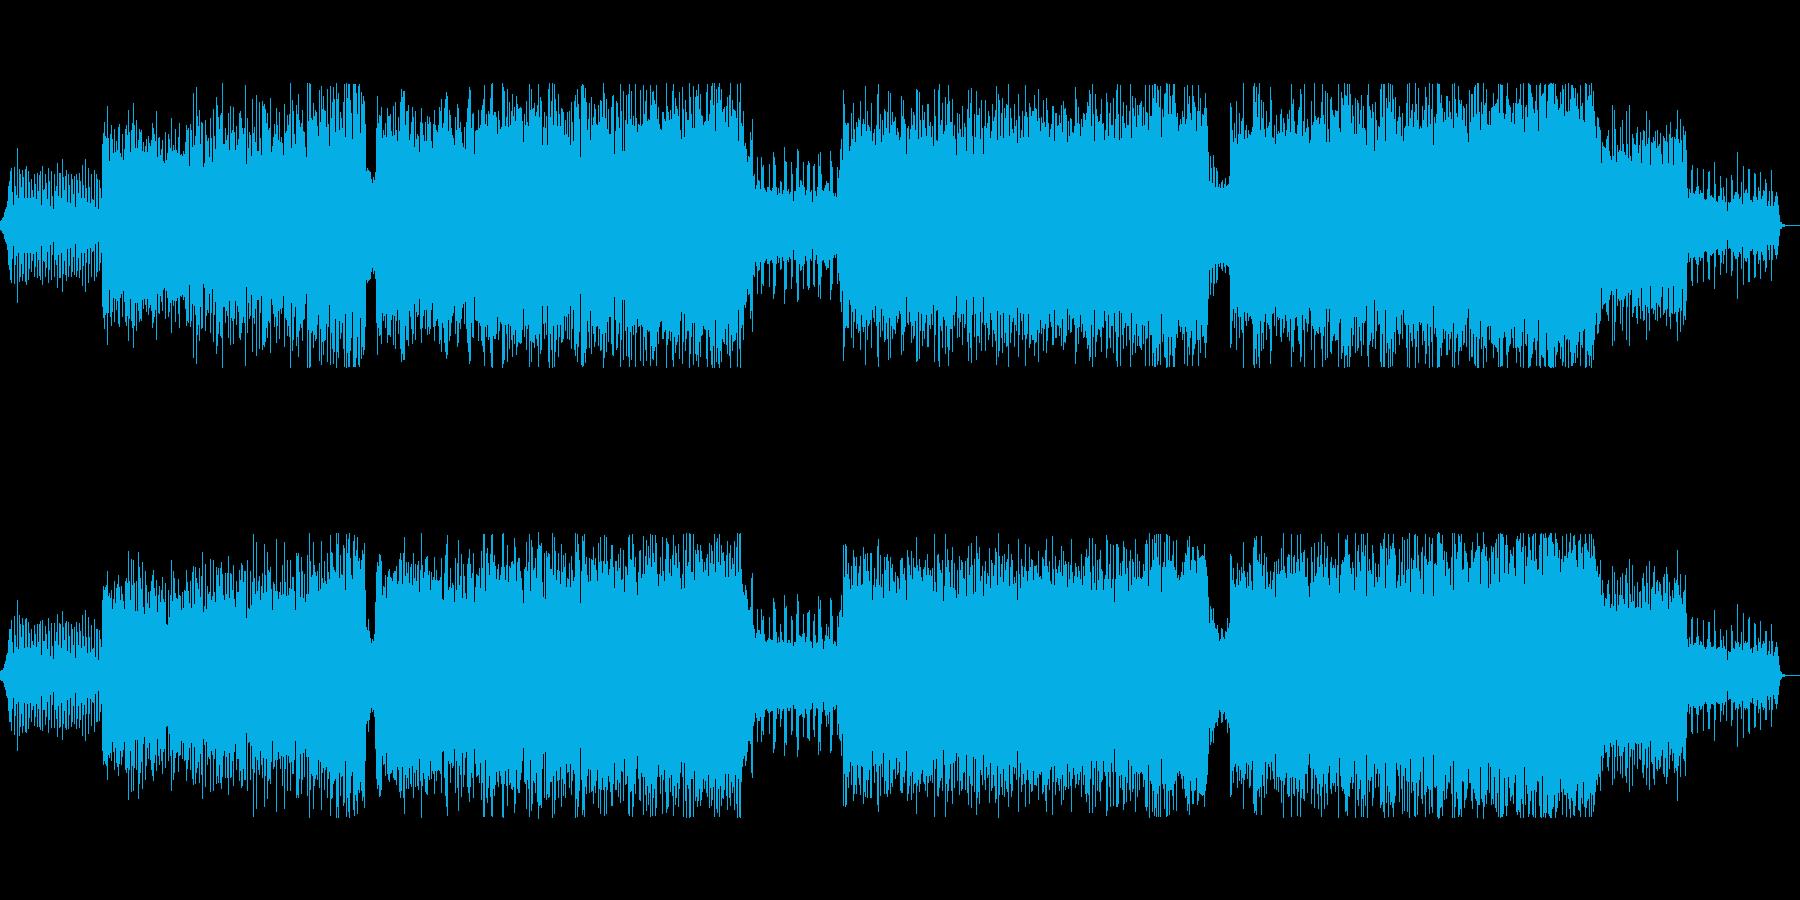 ギターのフレーズが印象的なトランスの再生済みの波形